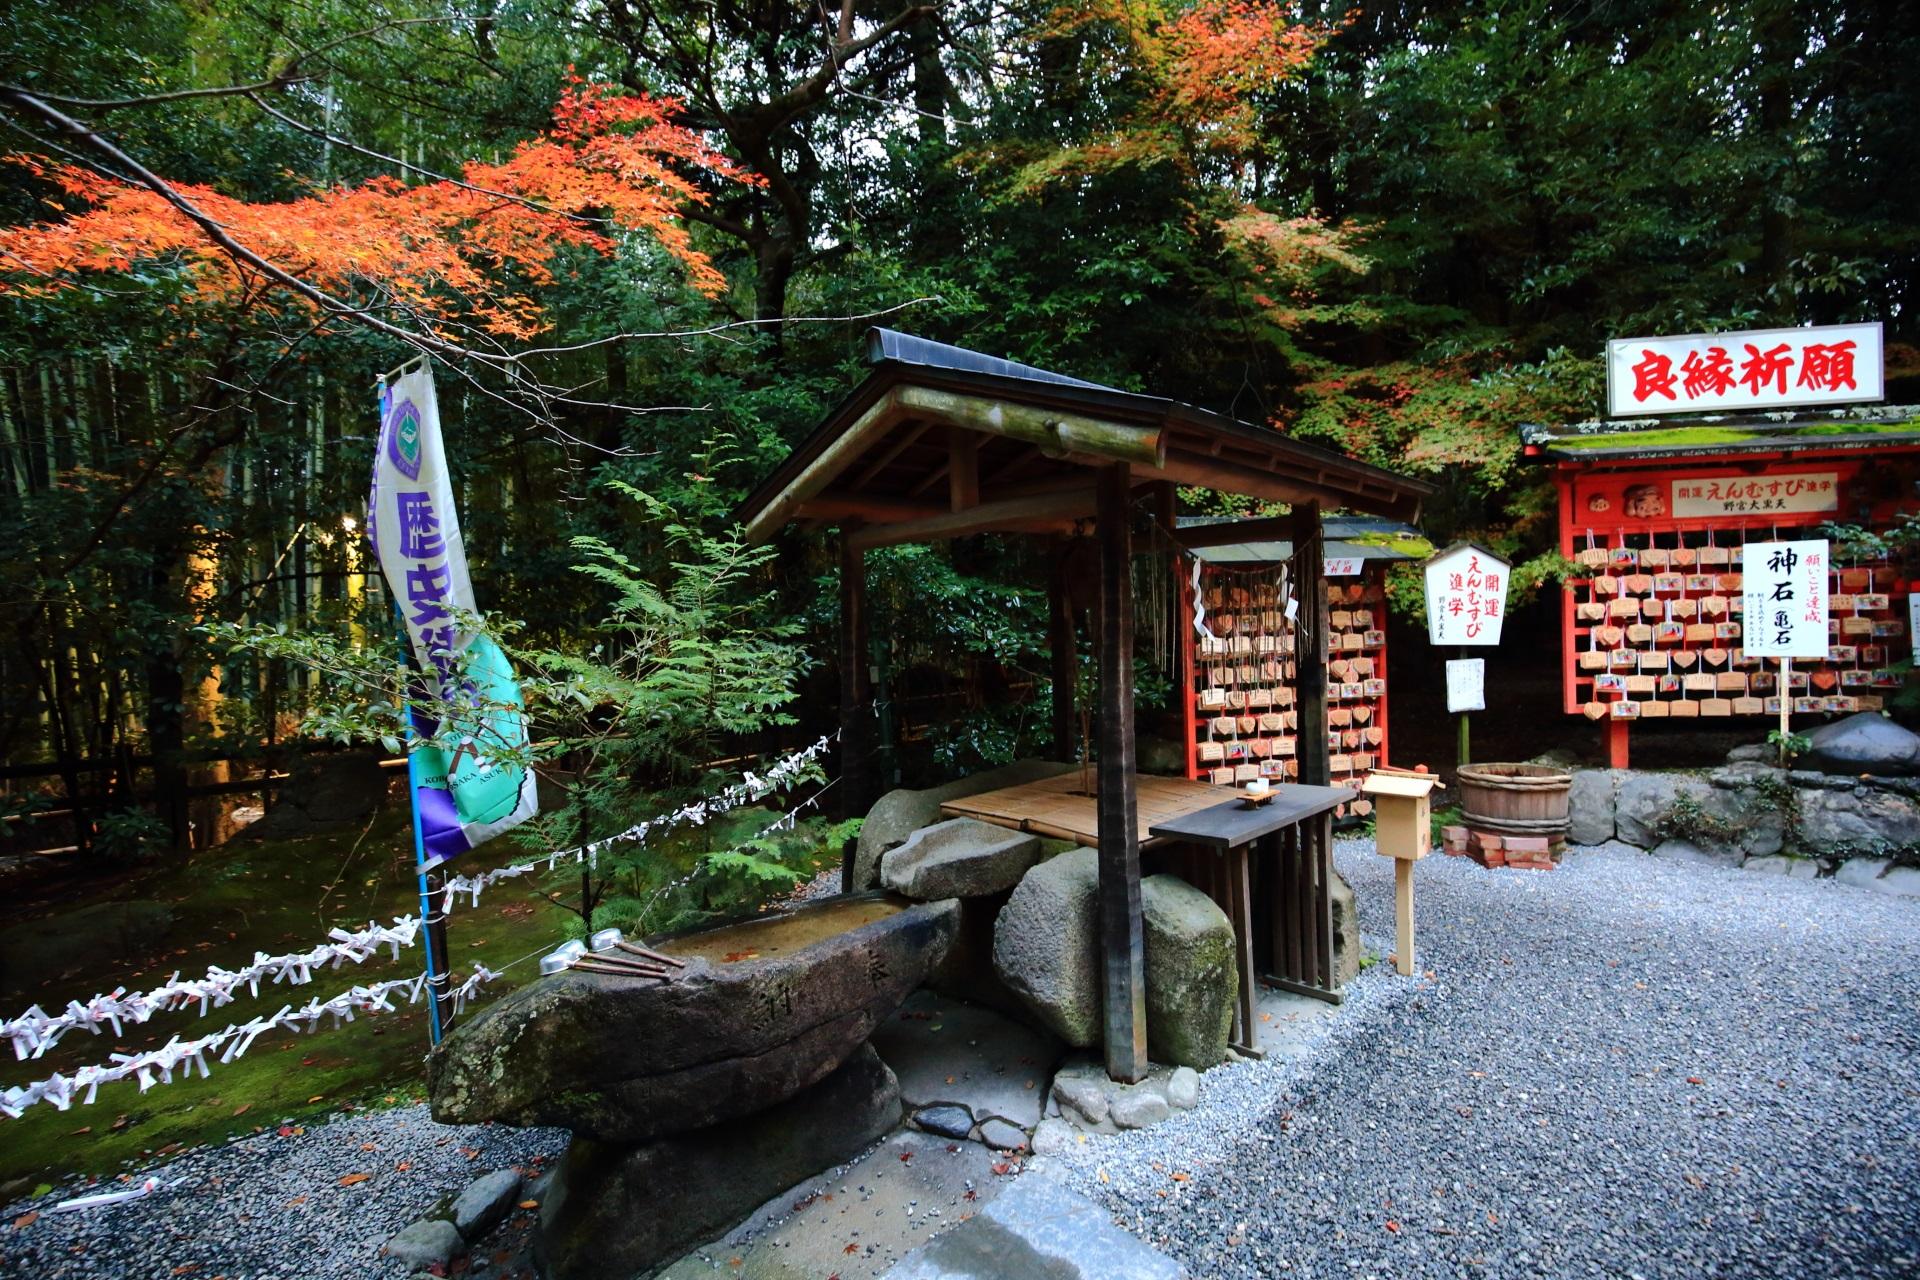 オレンジの紅葉が華やぐ野宮神社の手水舎とたくさんの絵馬